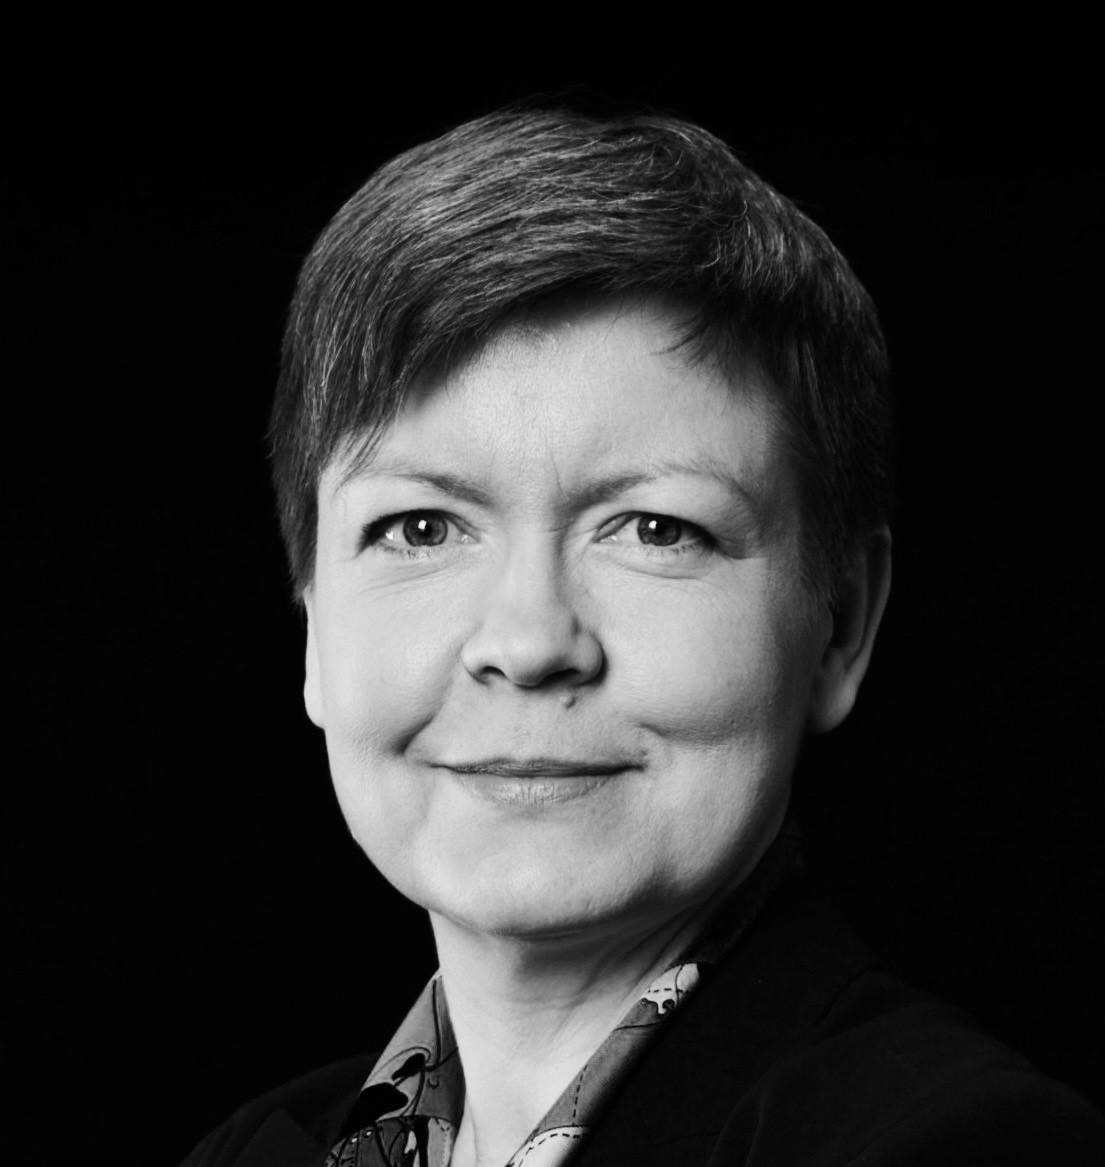 Ewa Witkowska: VP of Insights and Analytics, PepsiCo